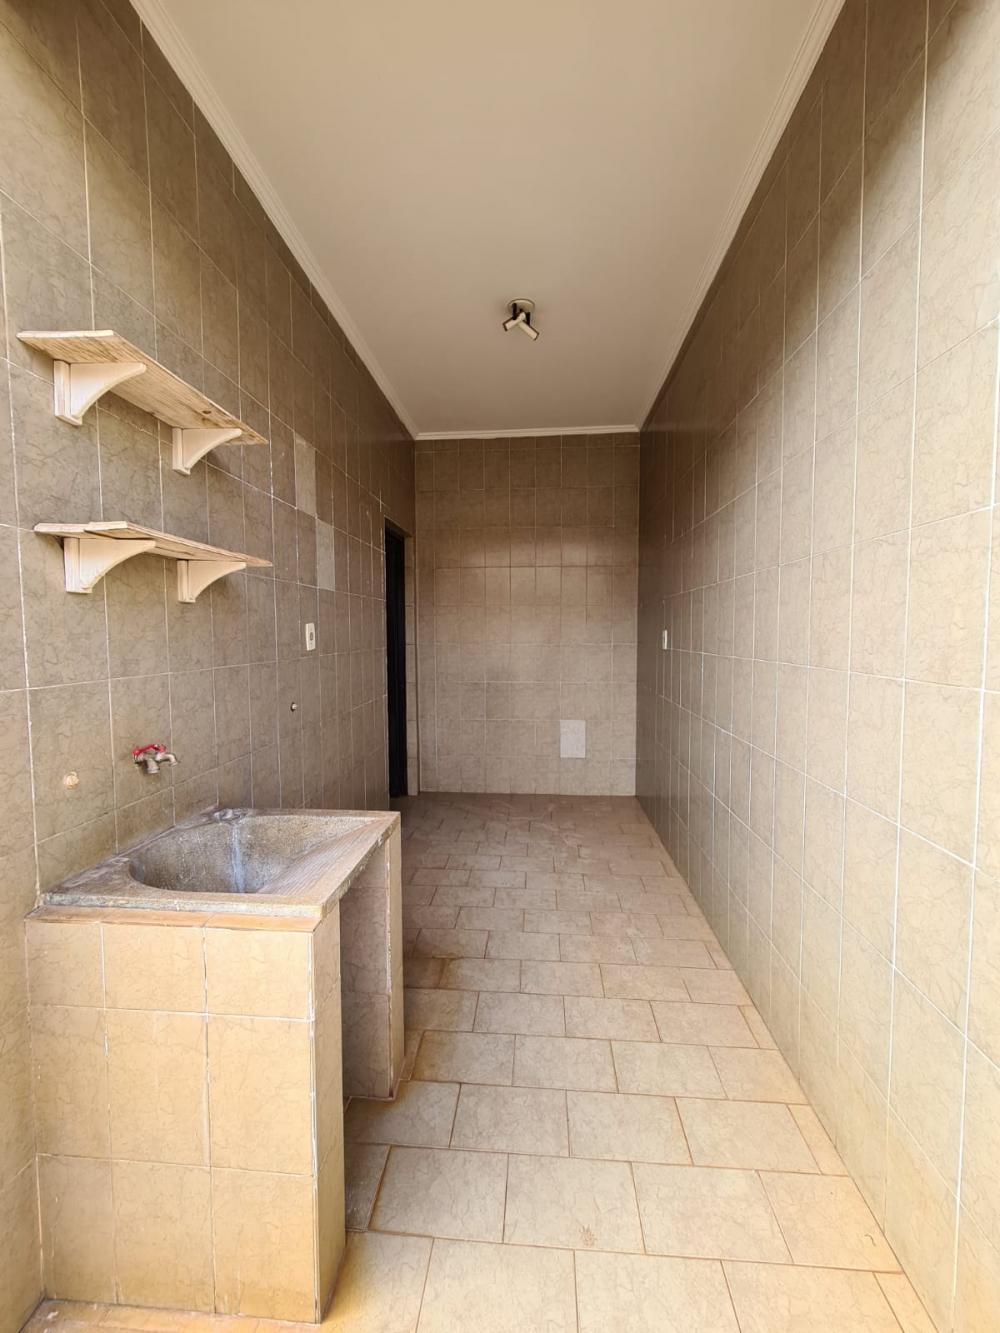 Alugar Casa / Padrão em Ribeirão Preto R$ 1.600,00 - Foto 13